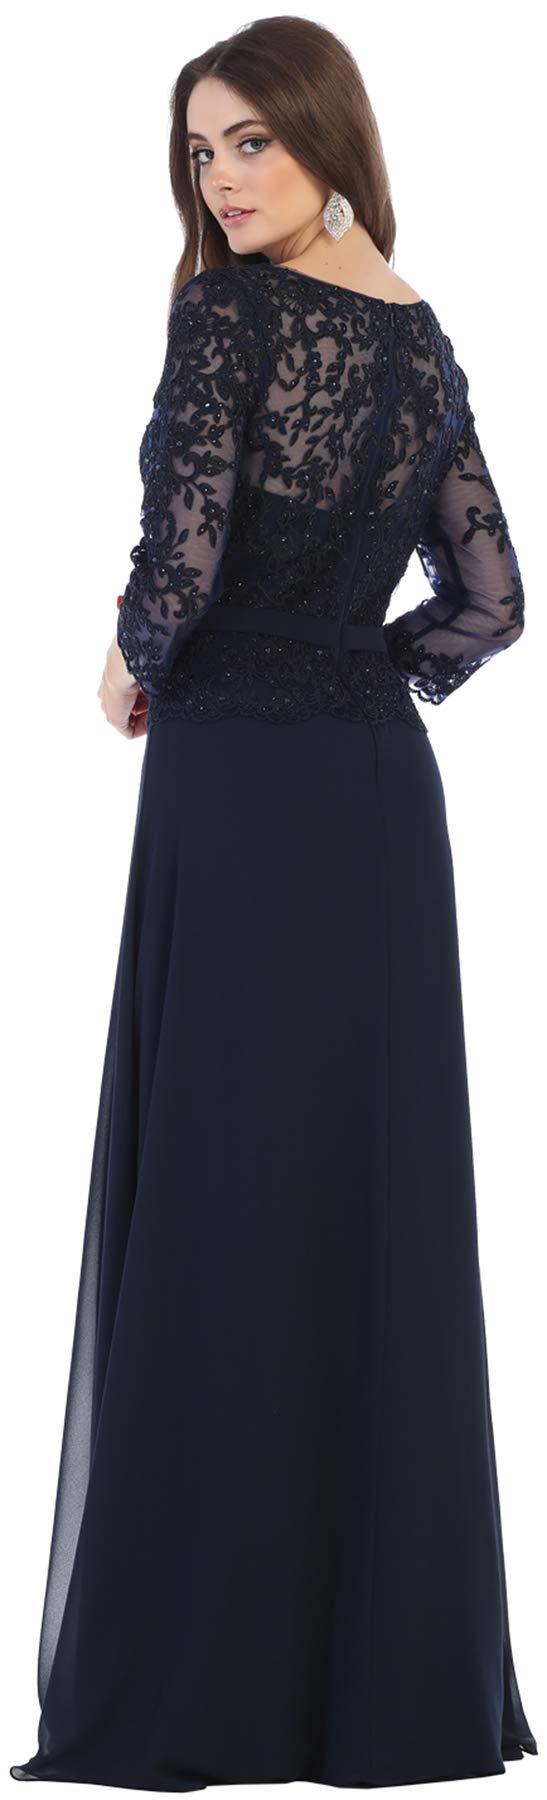 Formal Dress Shops Inc FDS1599 Mother of The Bride Evening Designer Gown